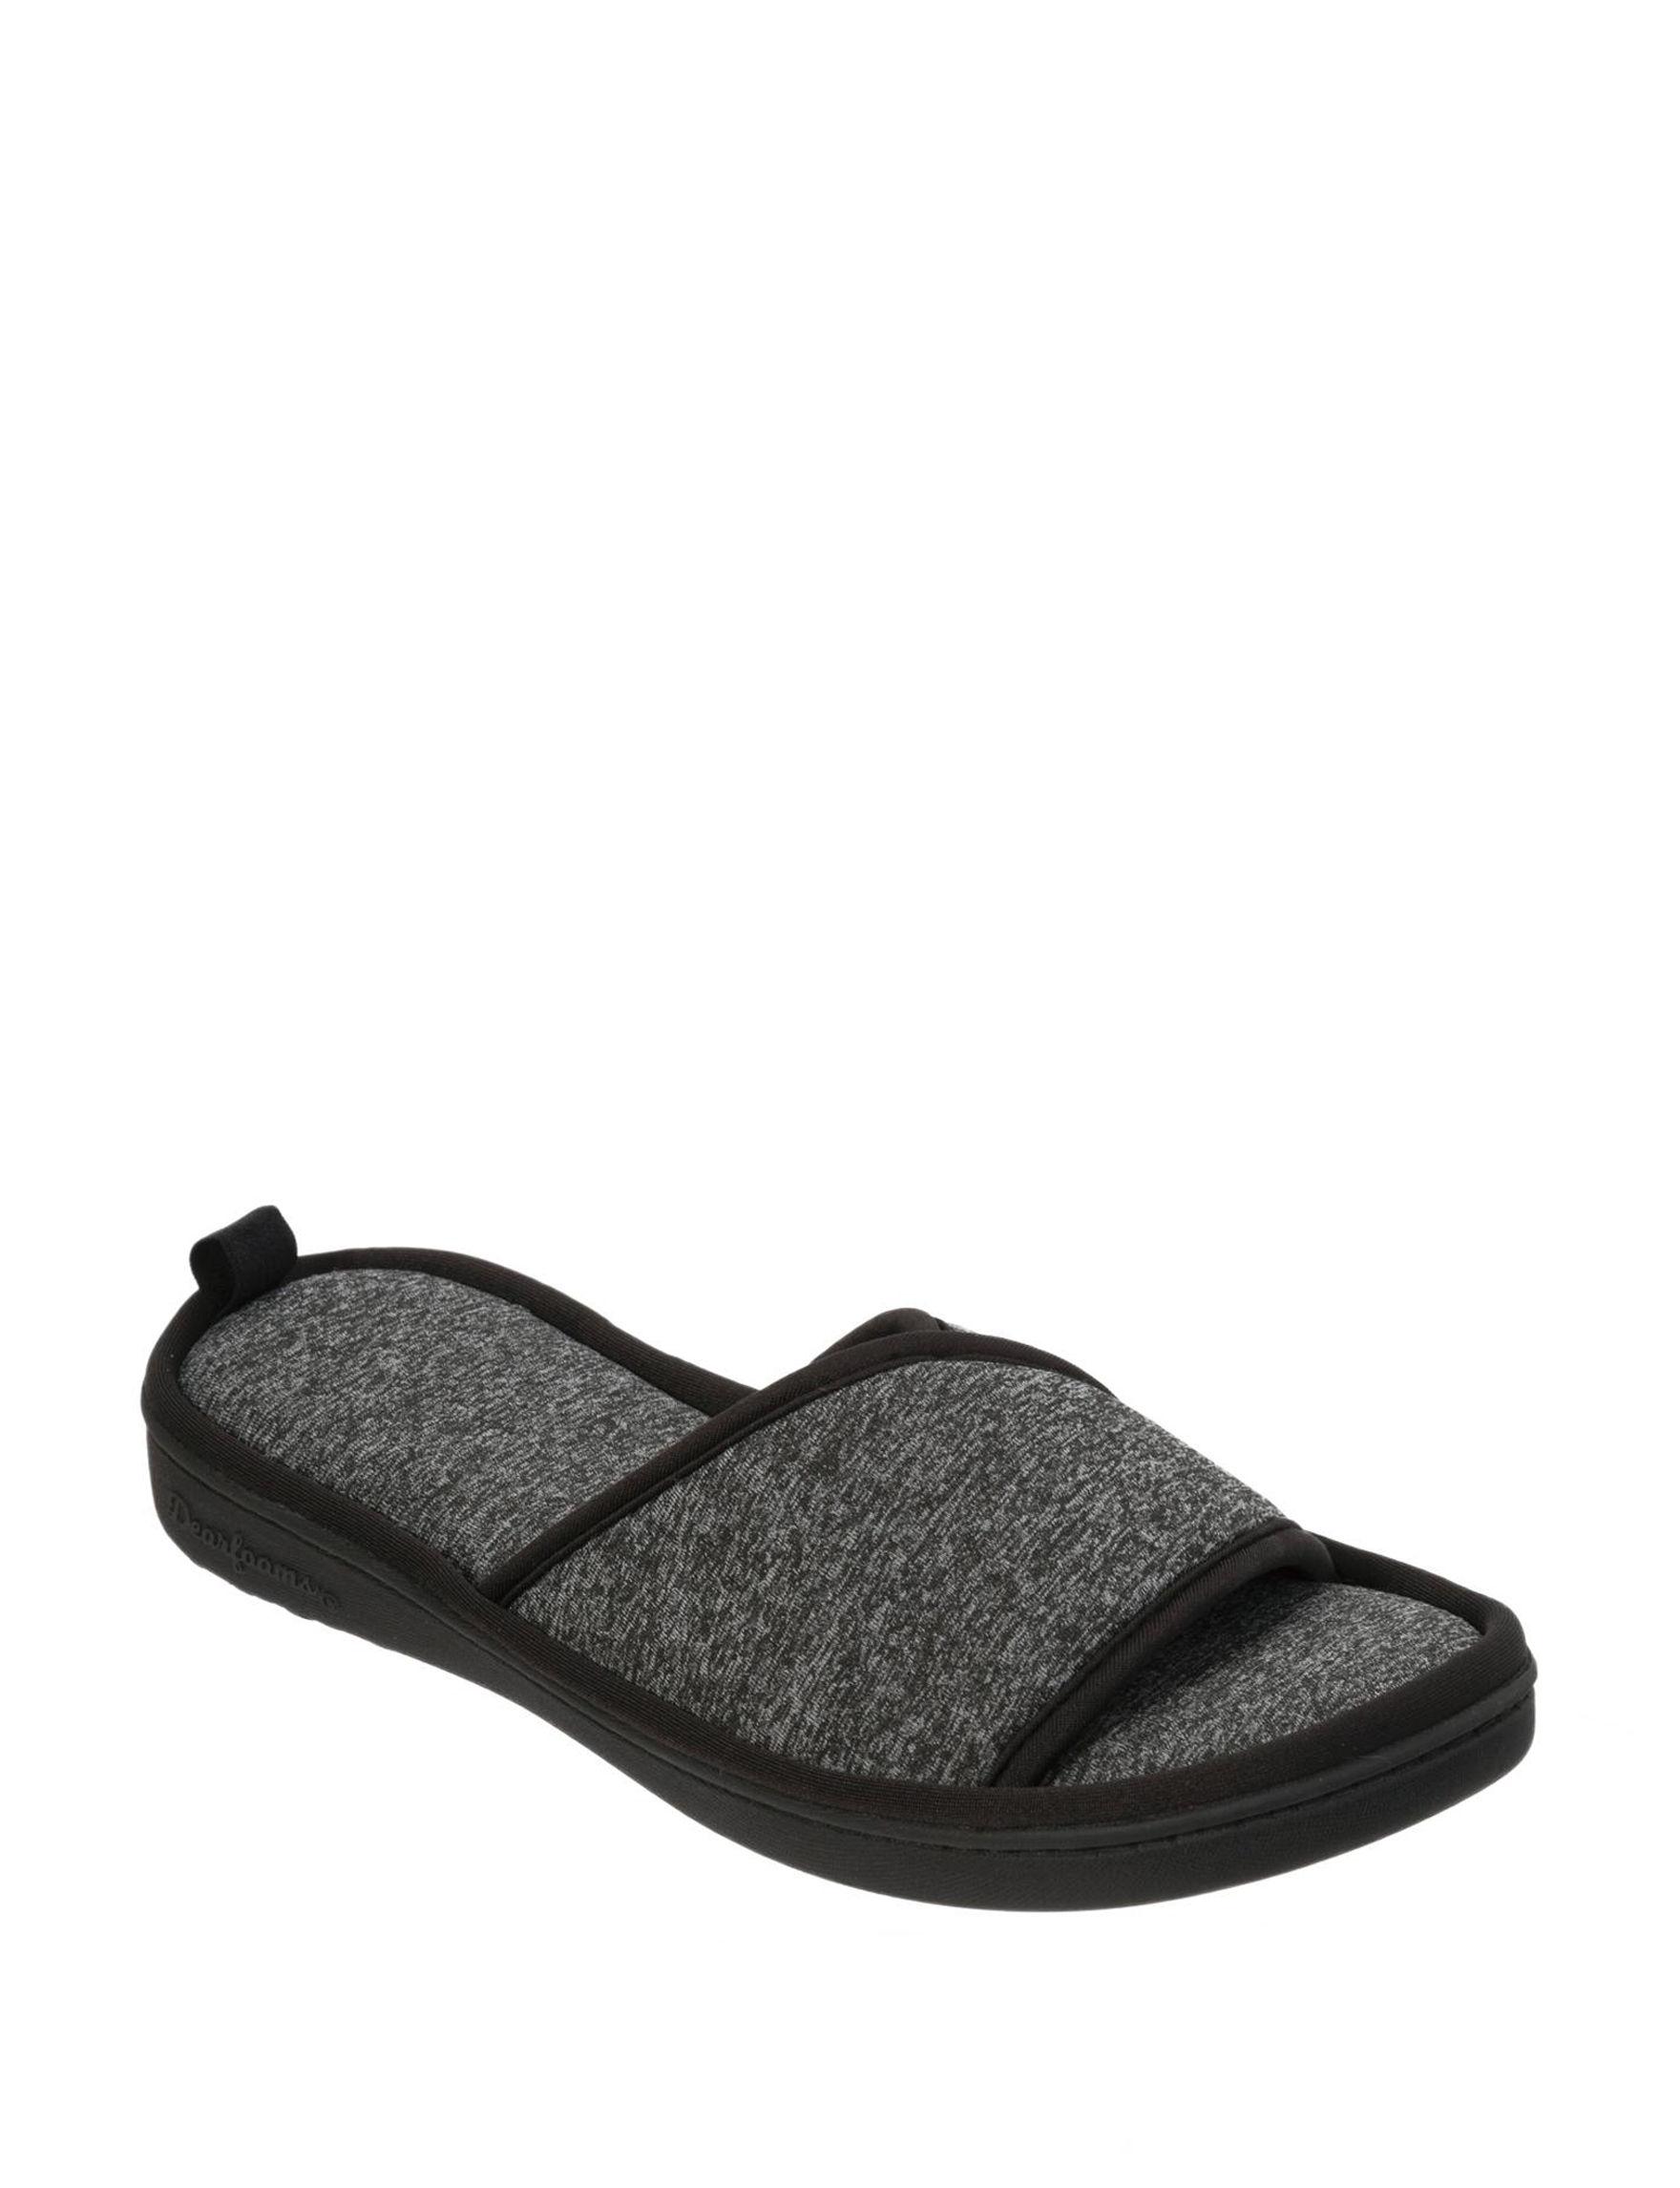 Dearfoams Black Slipper Shoes